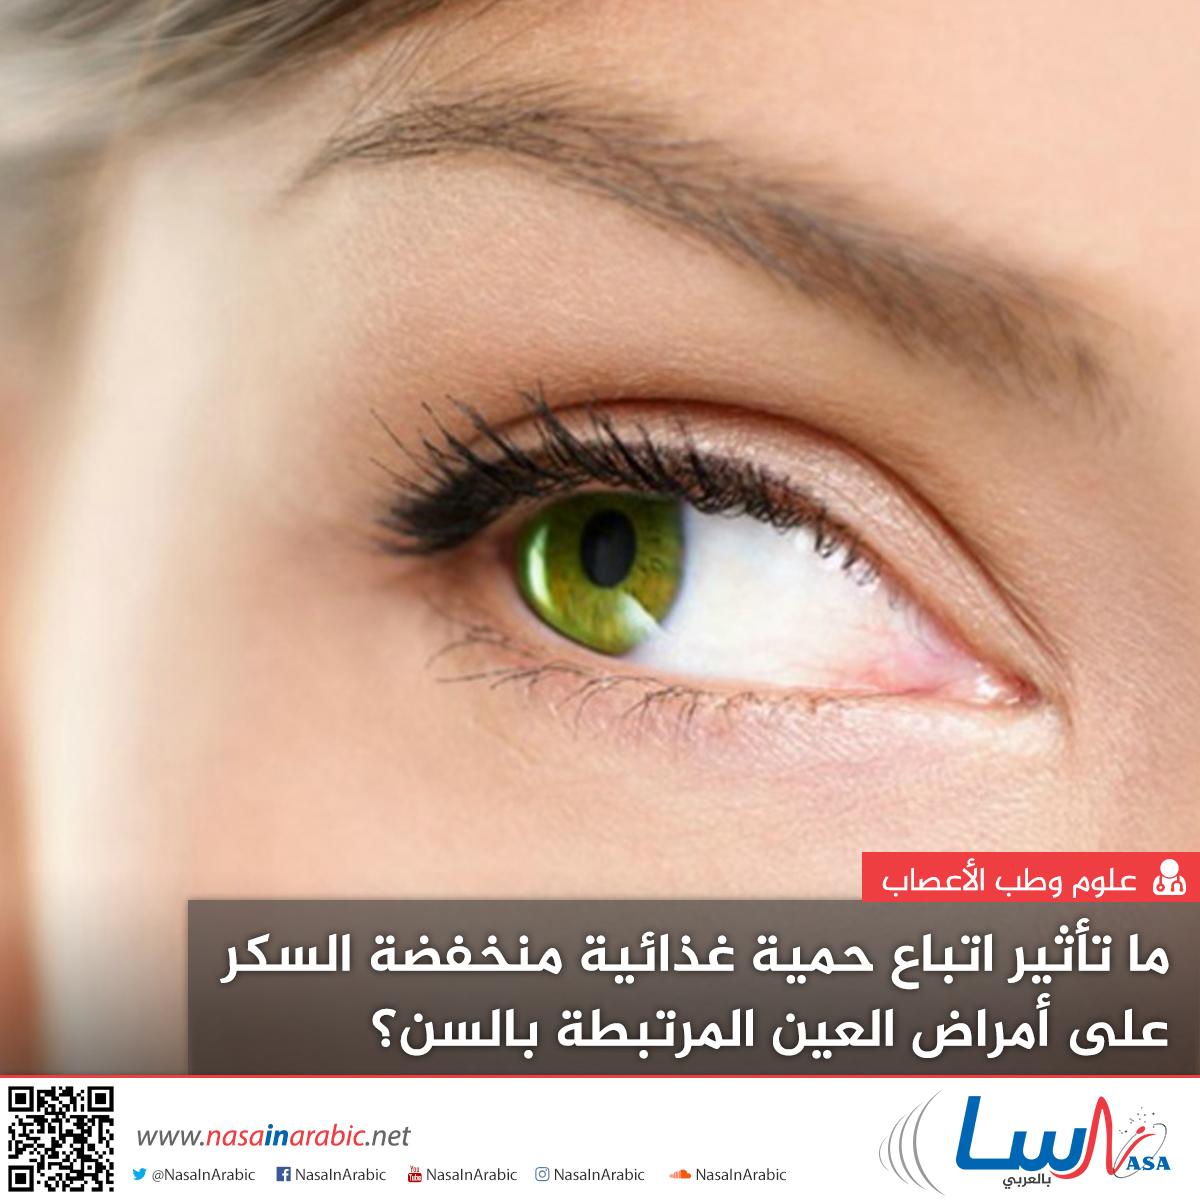 ما تأثير اتباع حمية غذائية منخفضة السكر على أمراض العين المرتبطة بالسن؟